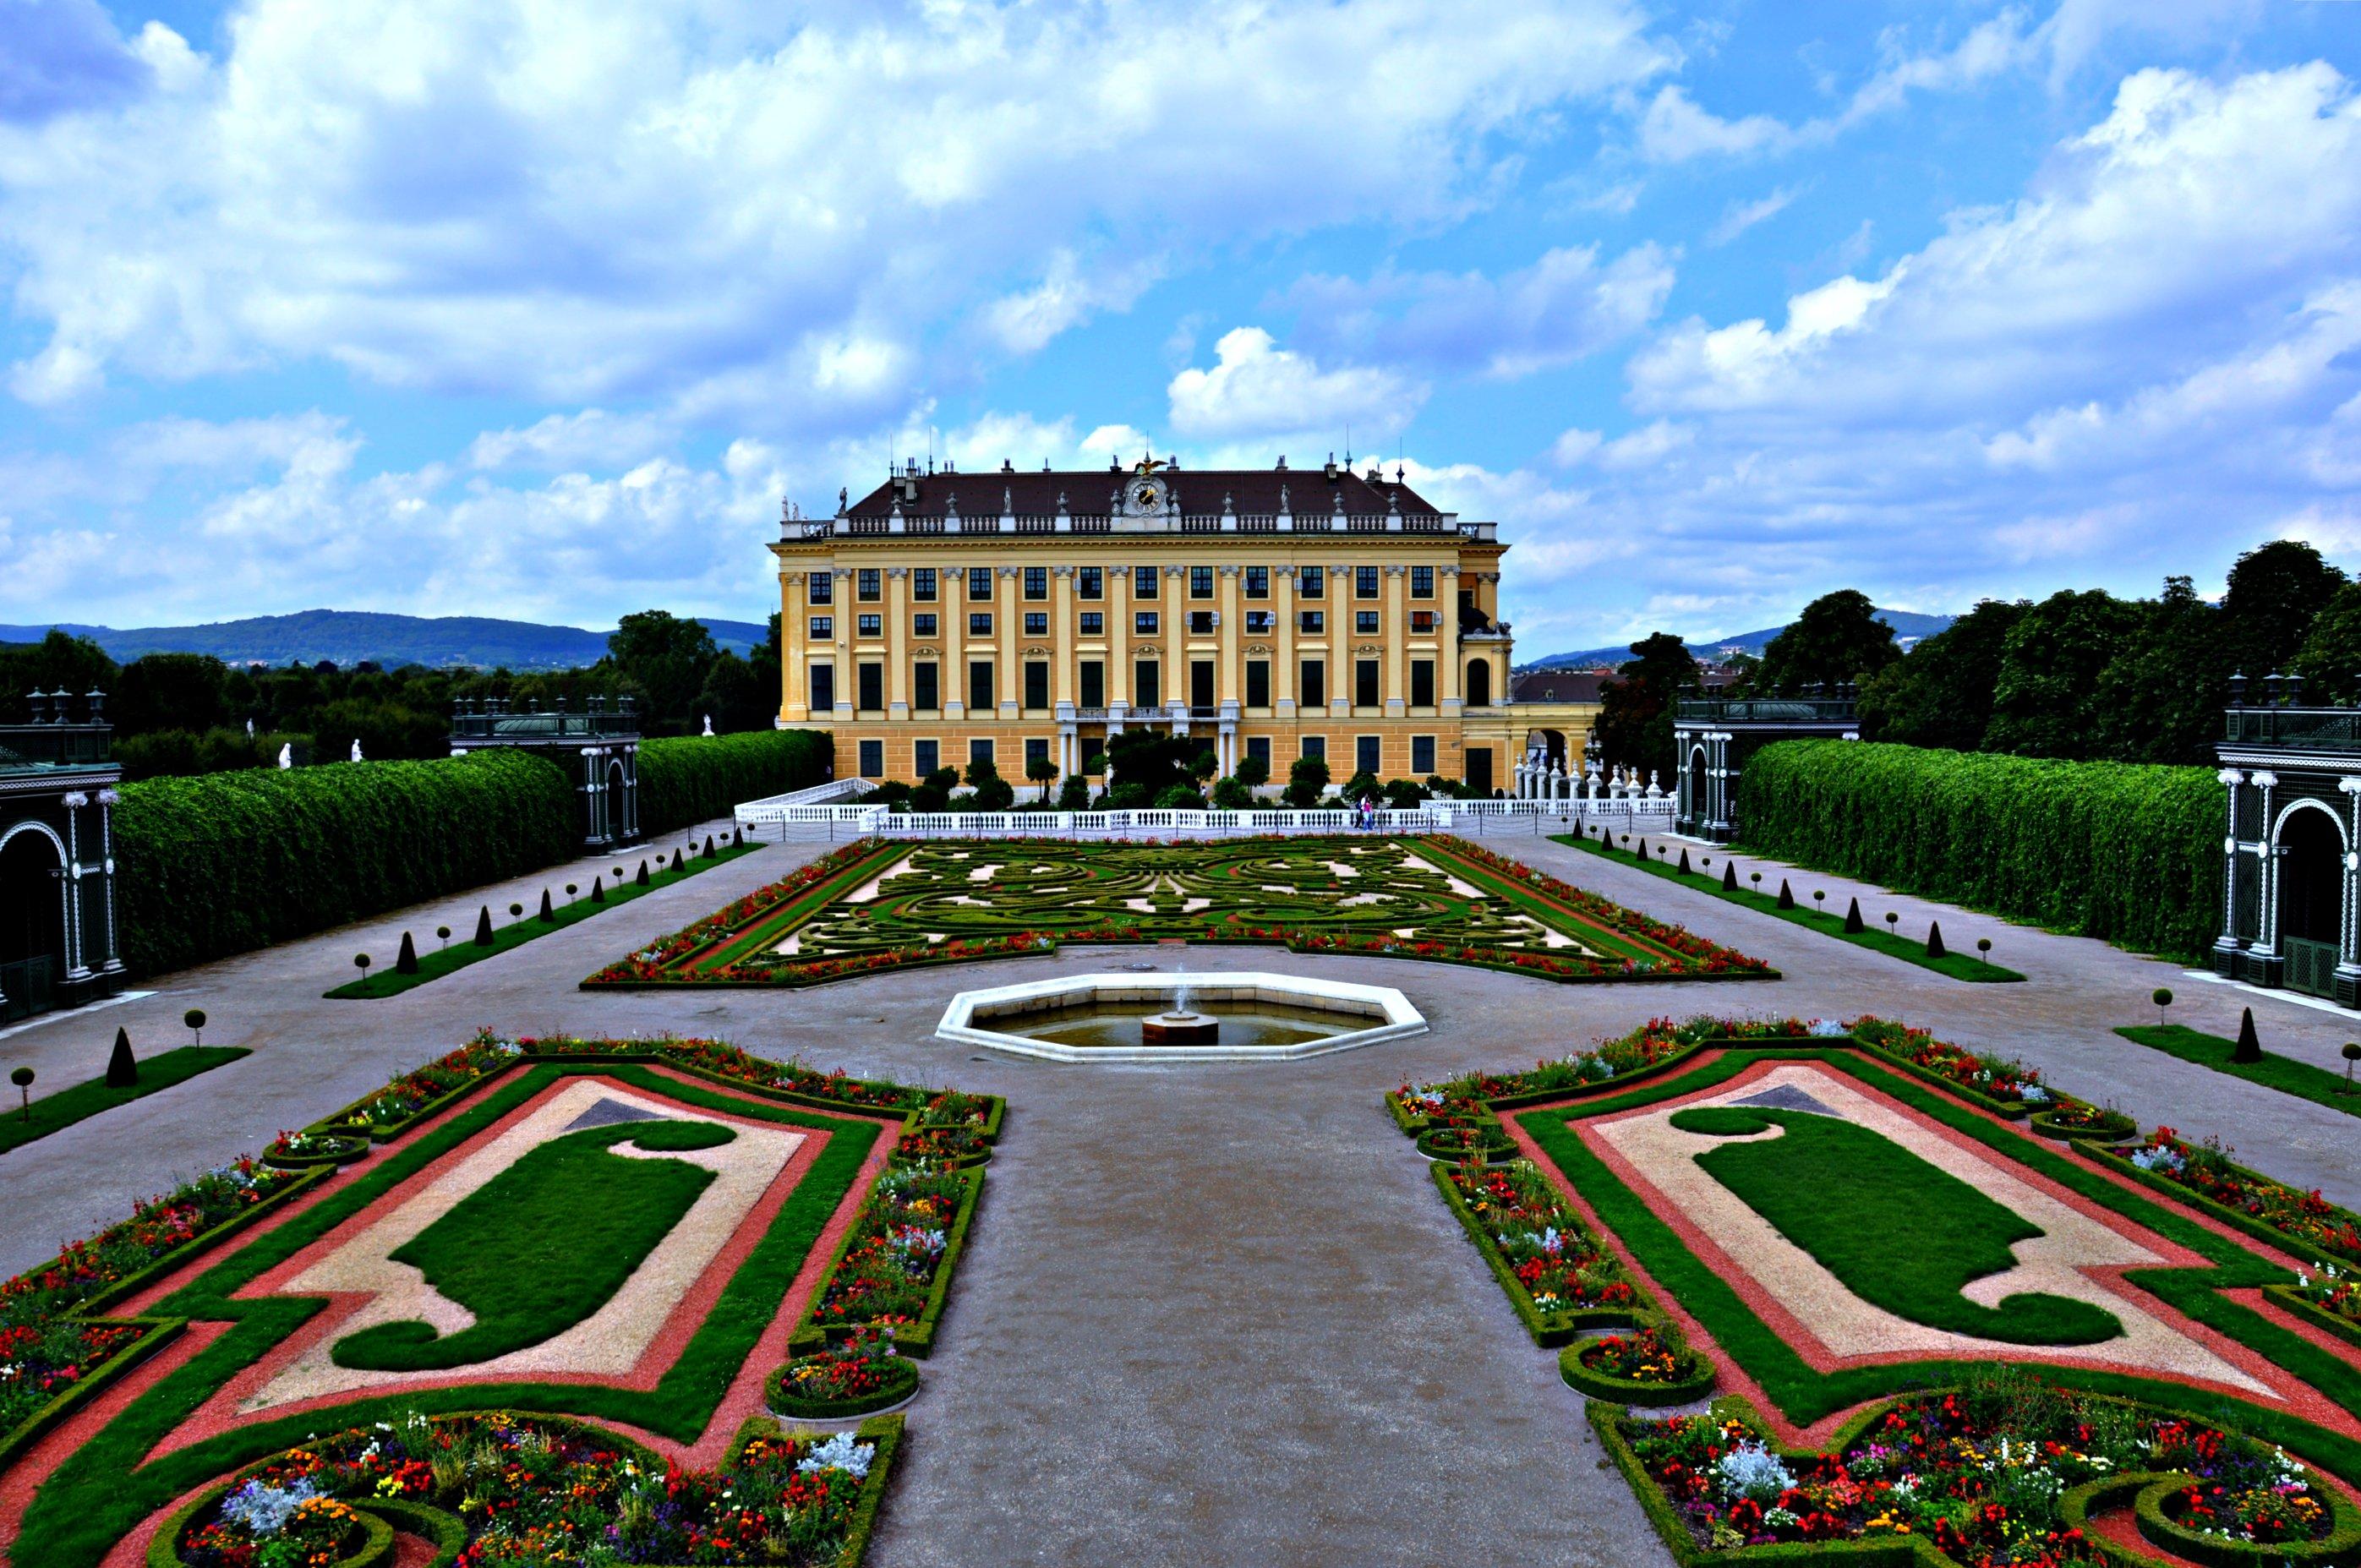 Schonbrunn Palace - Vienna Travel Guide